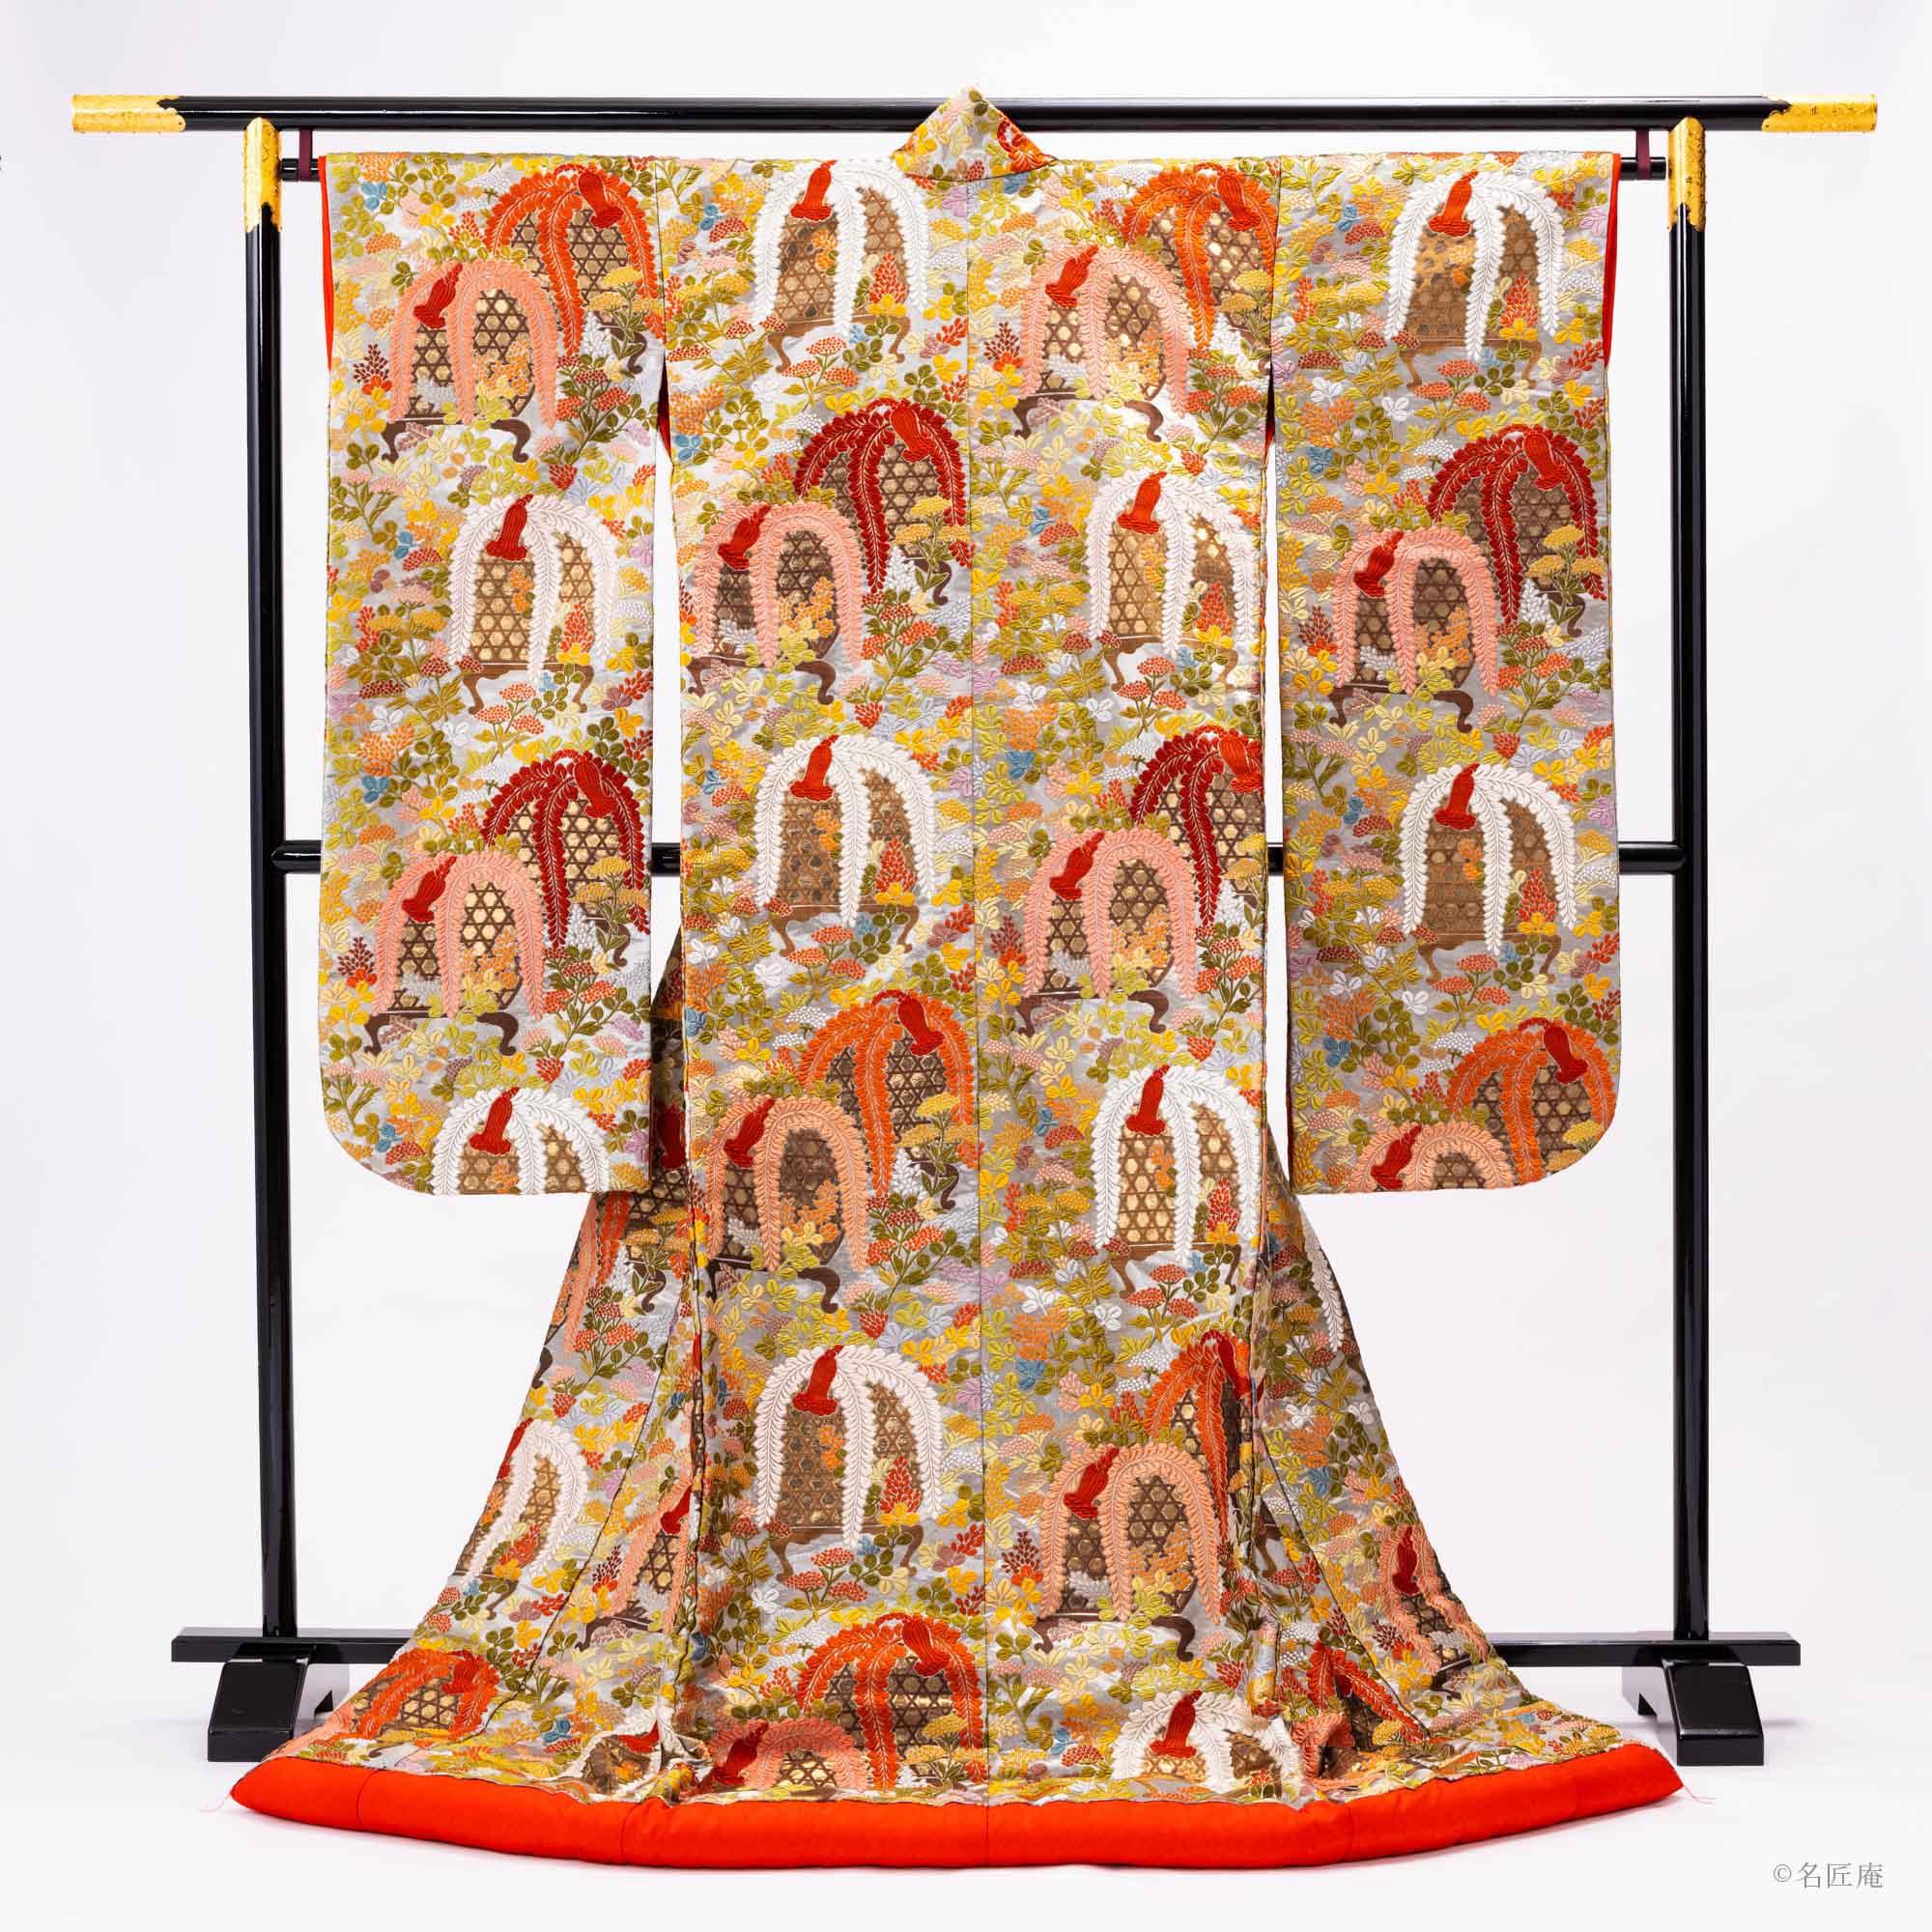 「色打掛」は 唐織や錦織、友禅染や刺繍など、 色鮮やかで豪華になります。